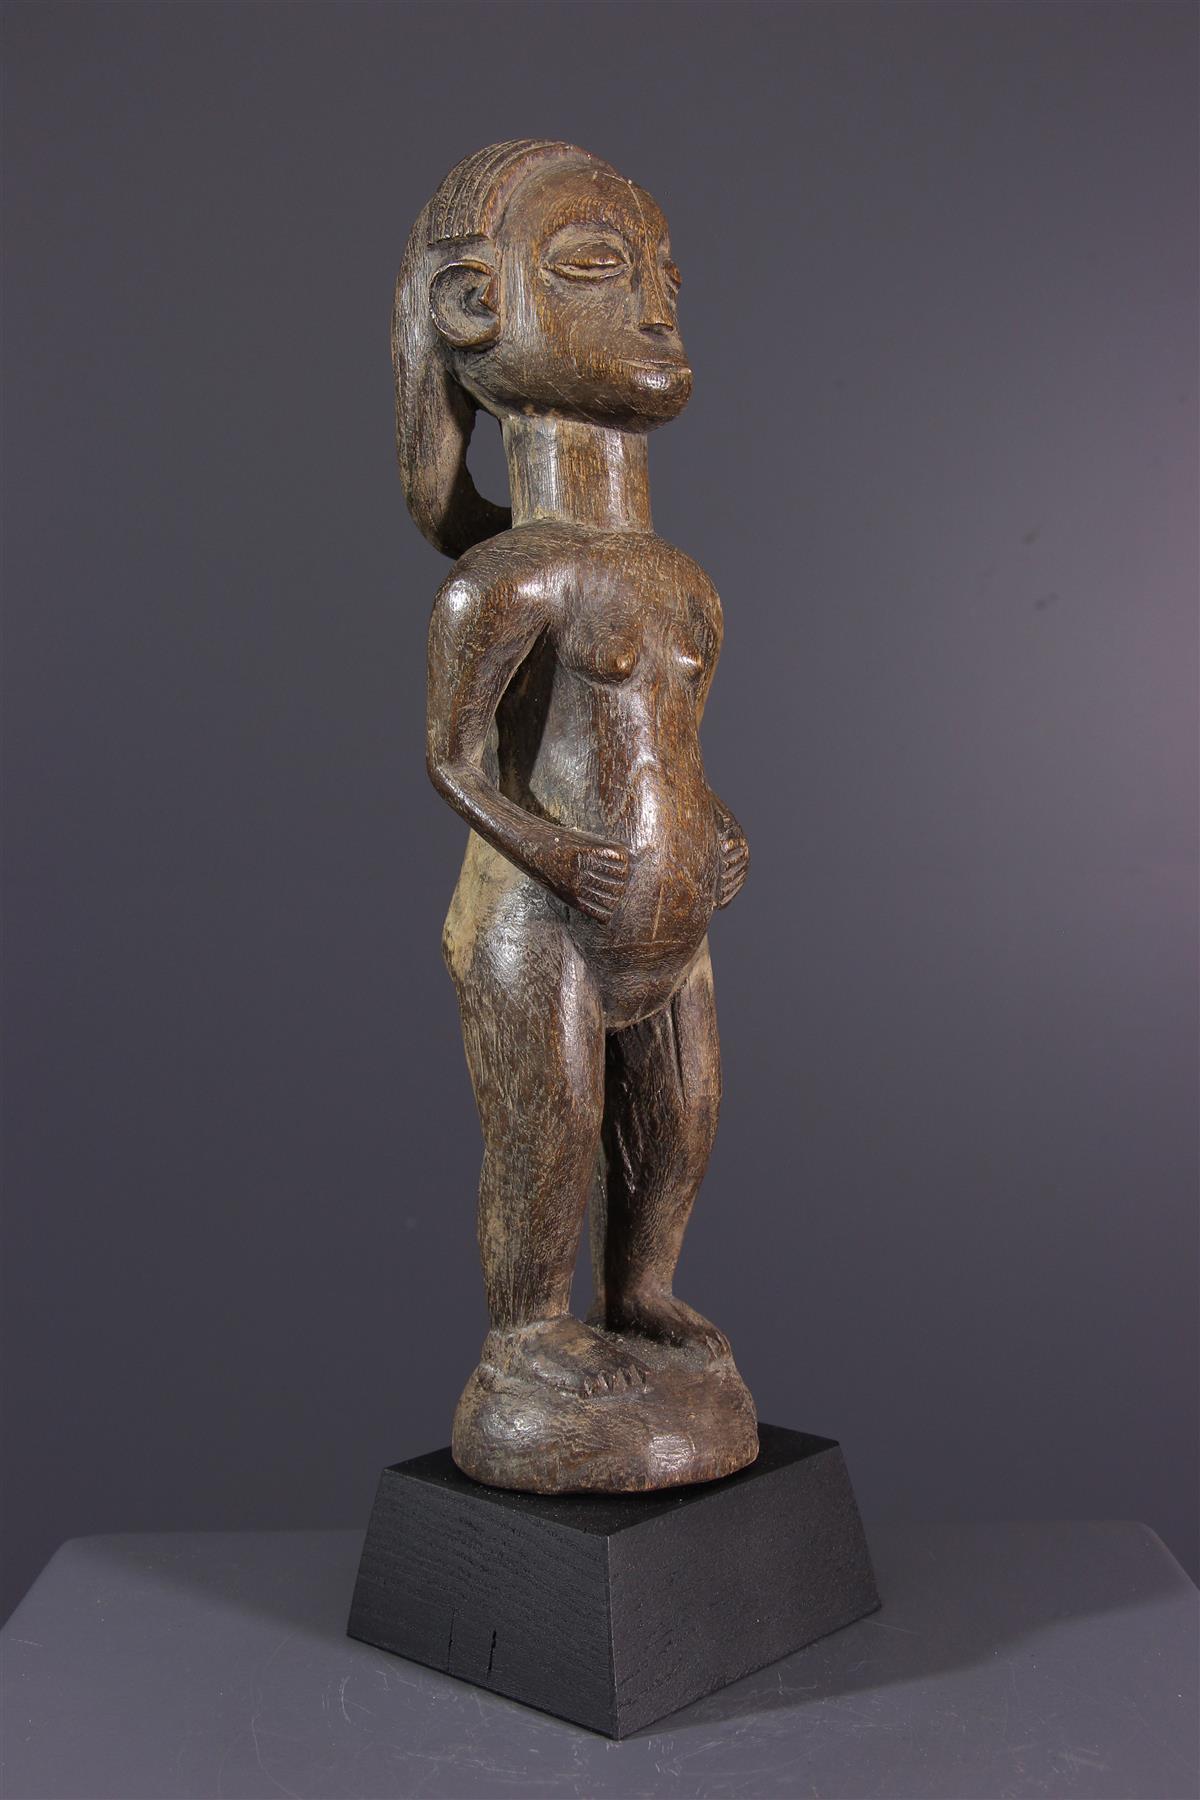 Statuette Ovimbundu - African art